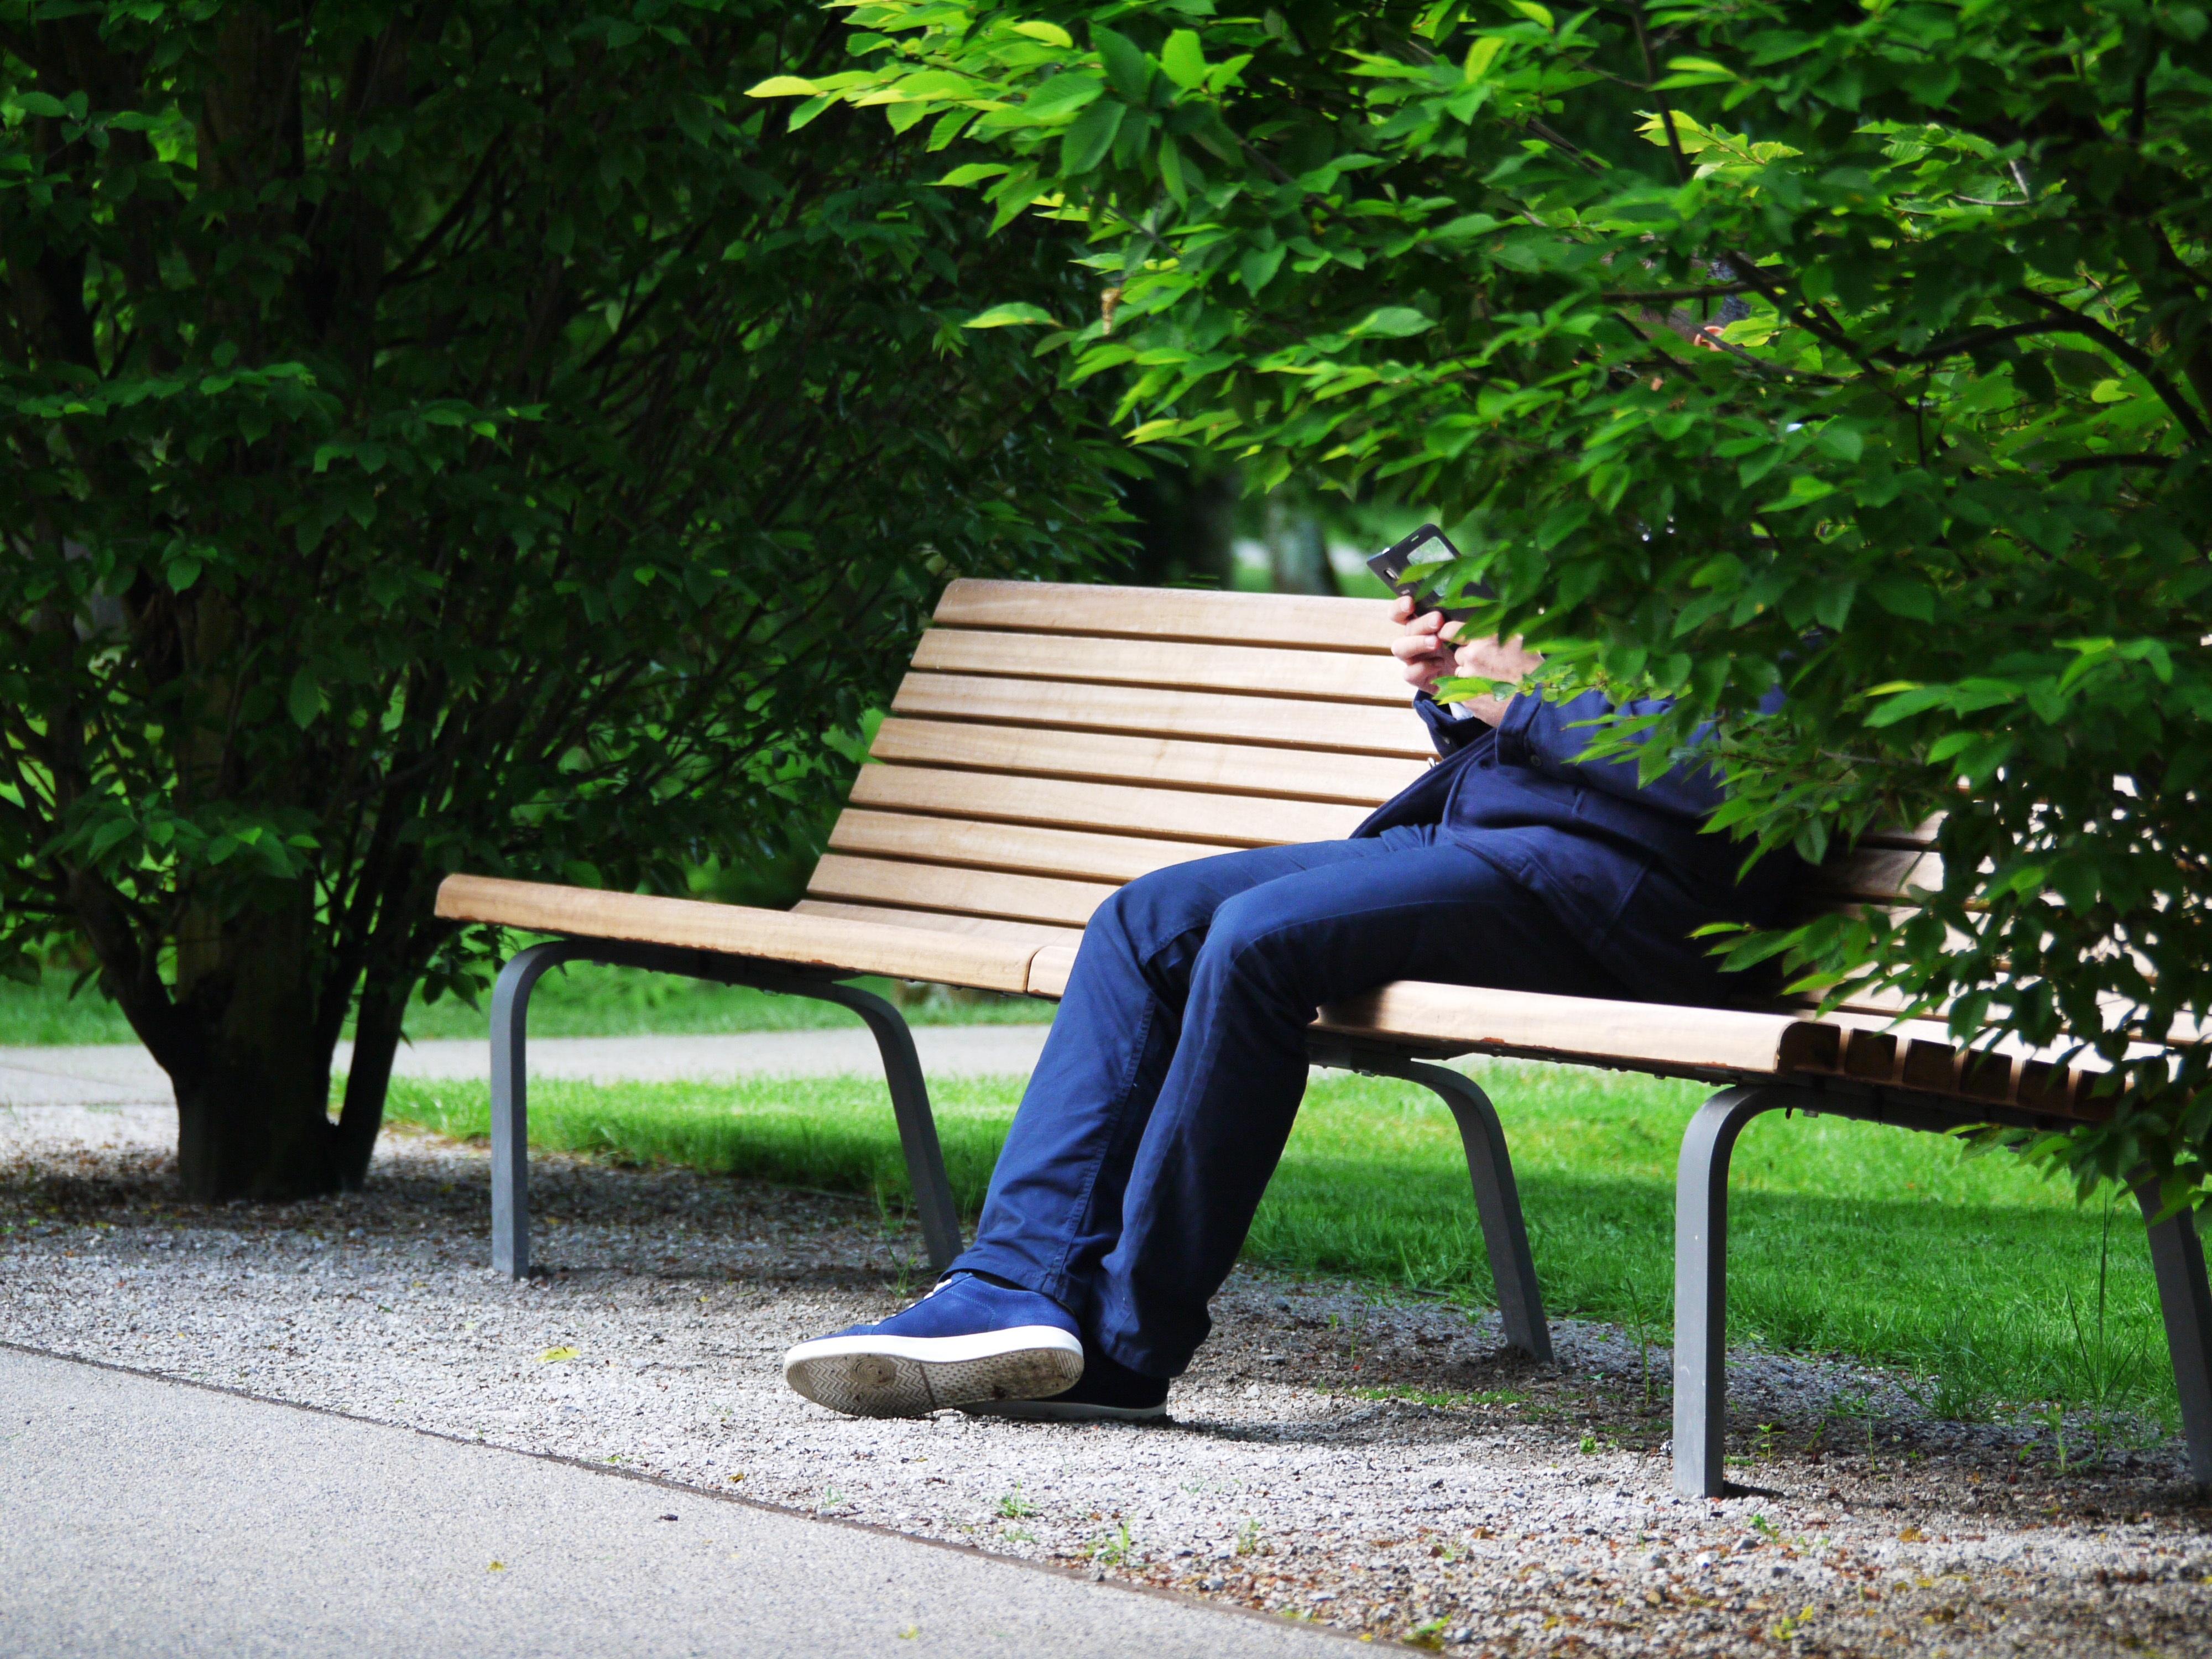 мужчины картинка парень на скамейке всех, кого смерти